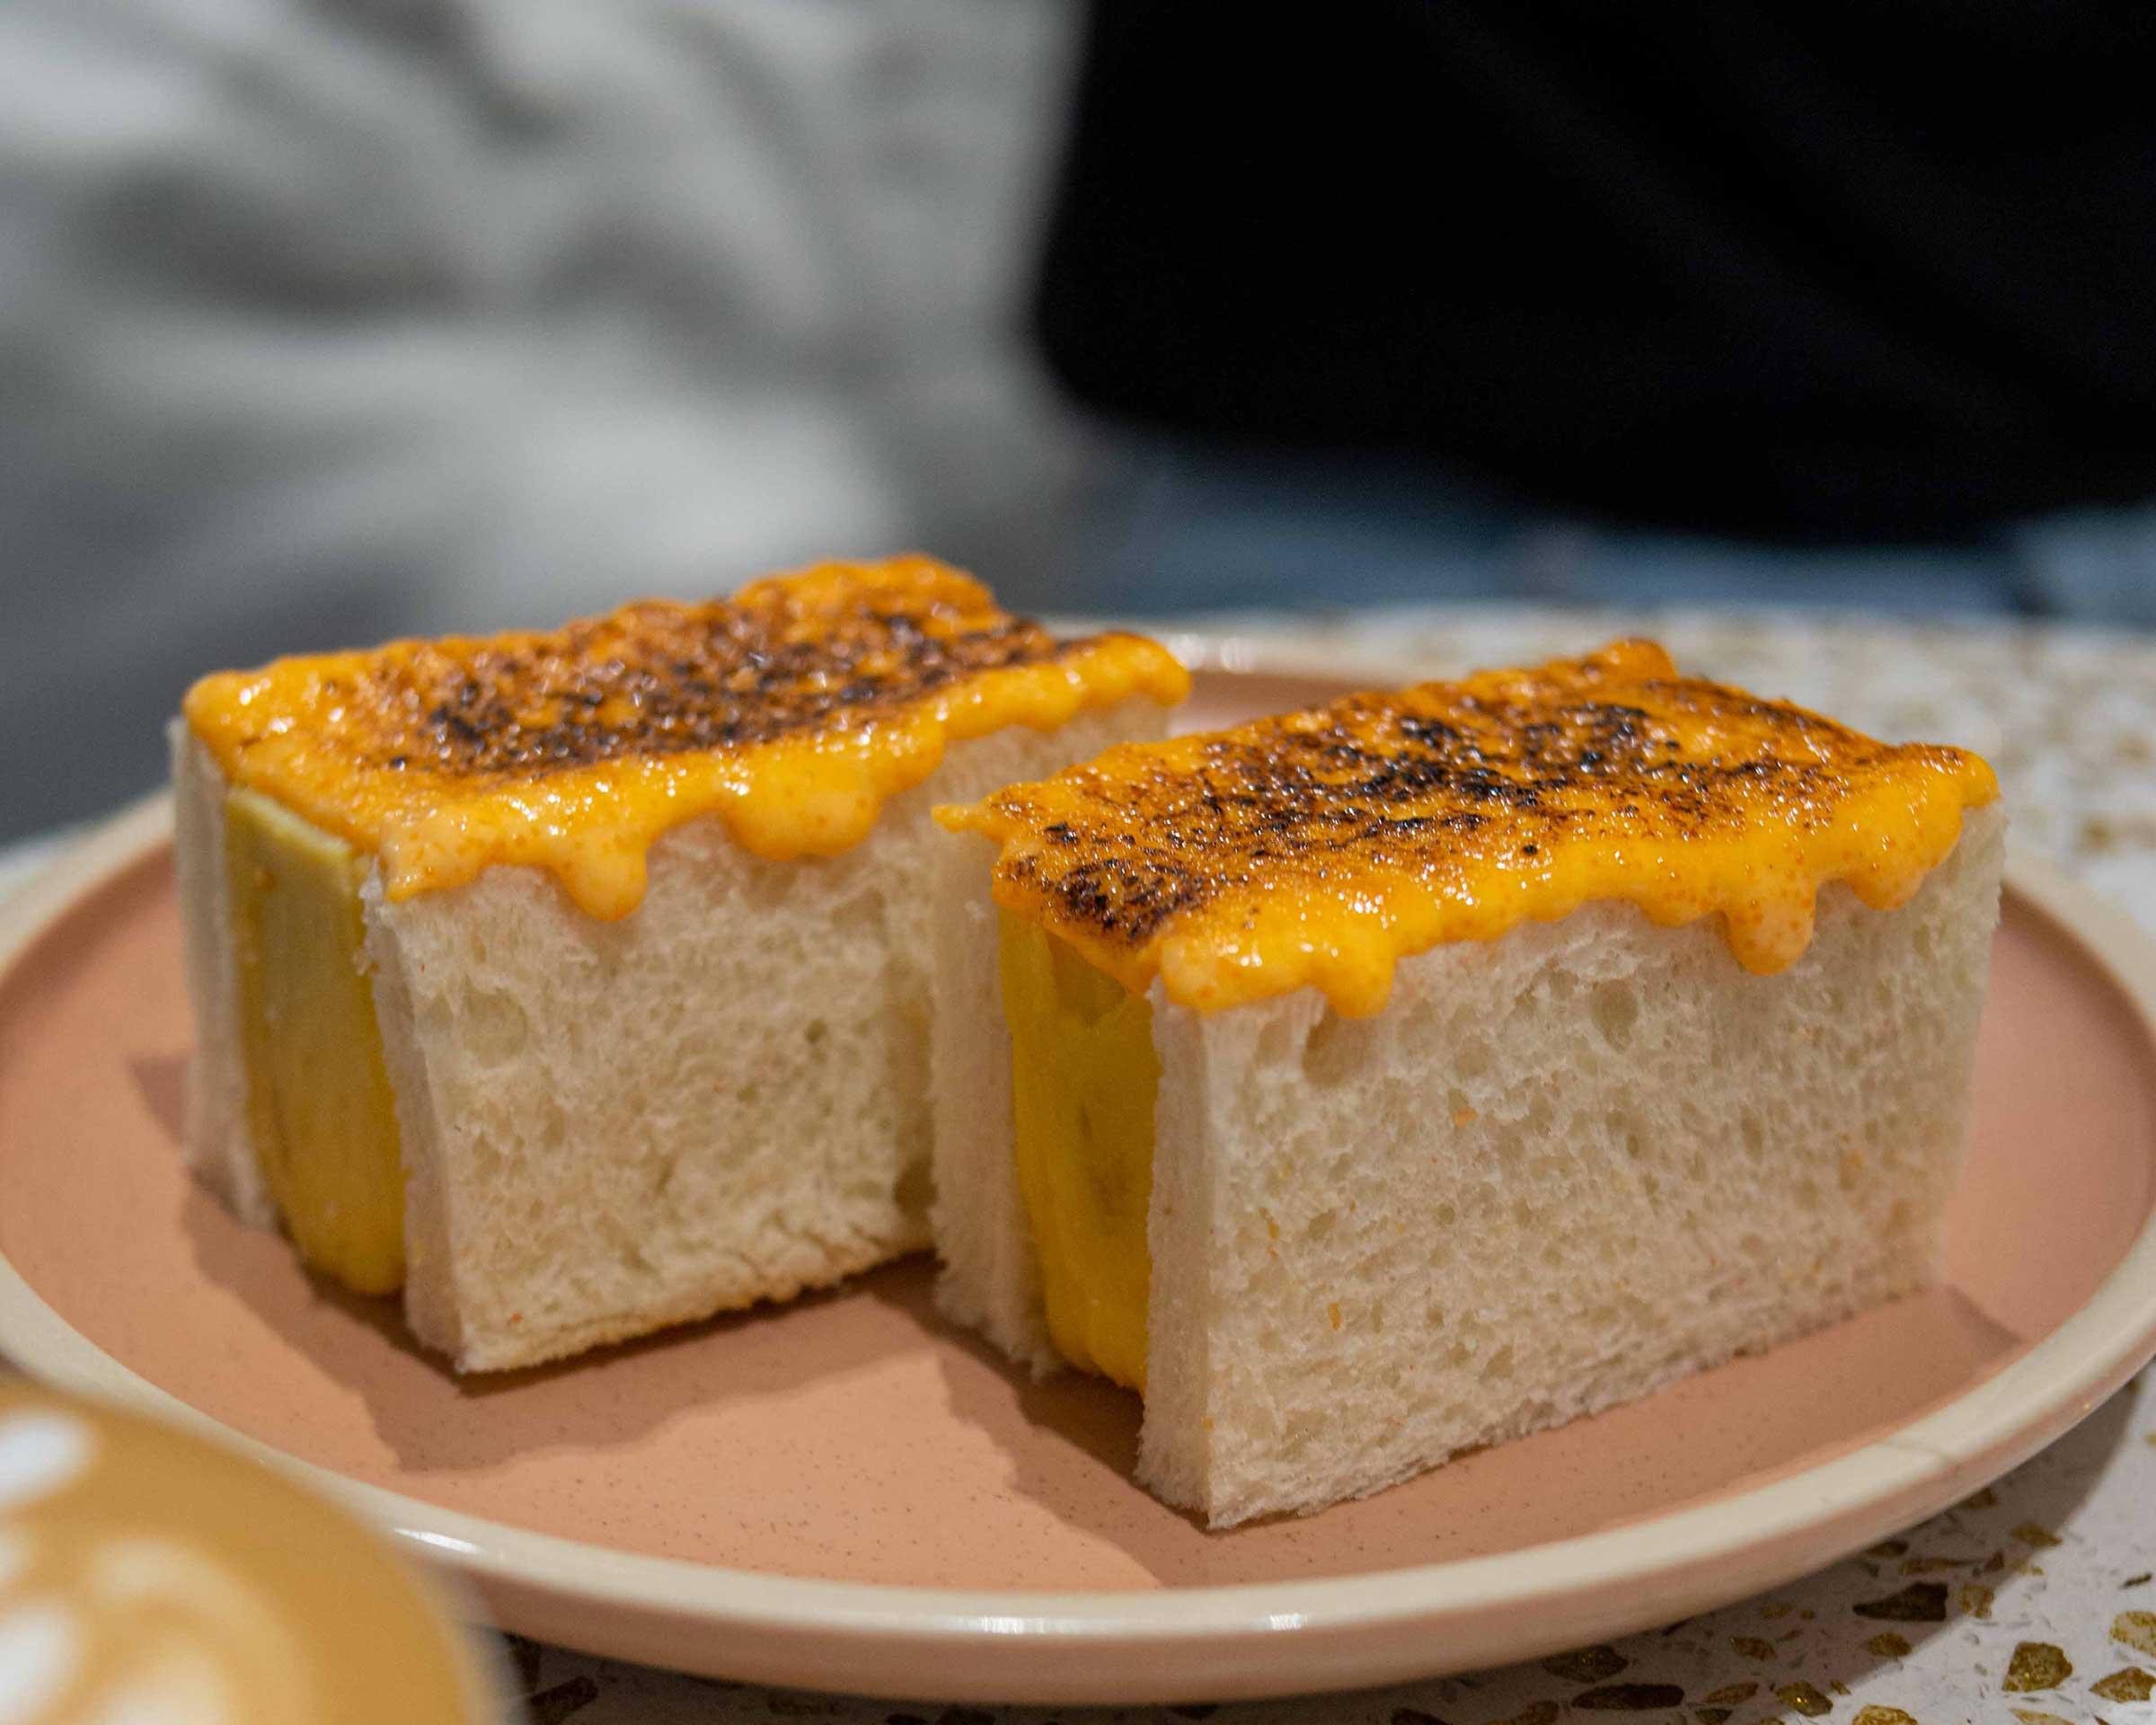 Mentaiko Sandwich, MYR20.00 ($4.80)